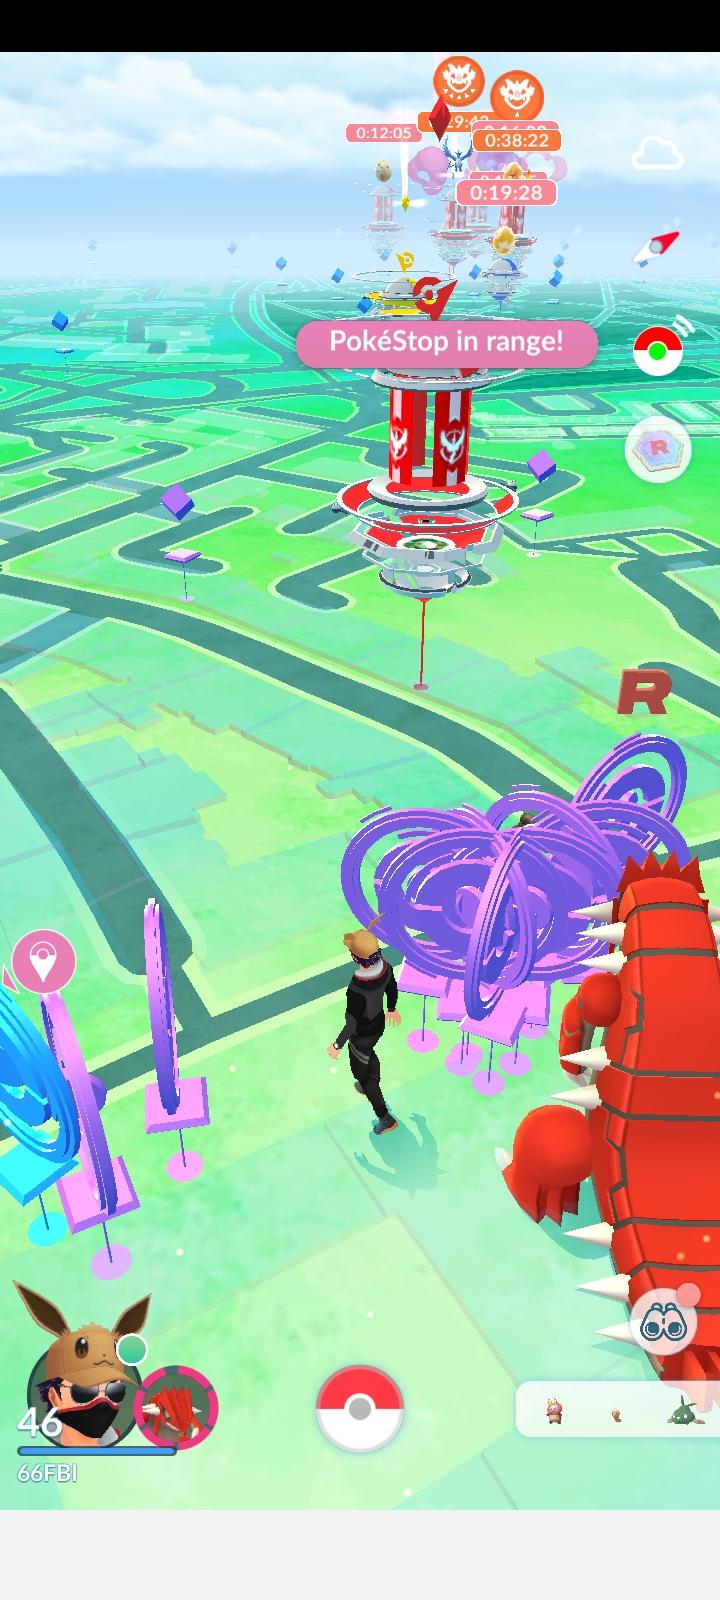 Pokemon_GO_2021-02-28-15-19-11.jpg